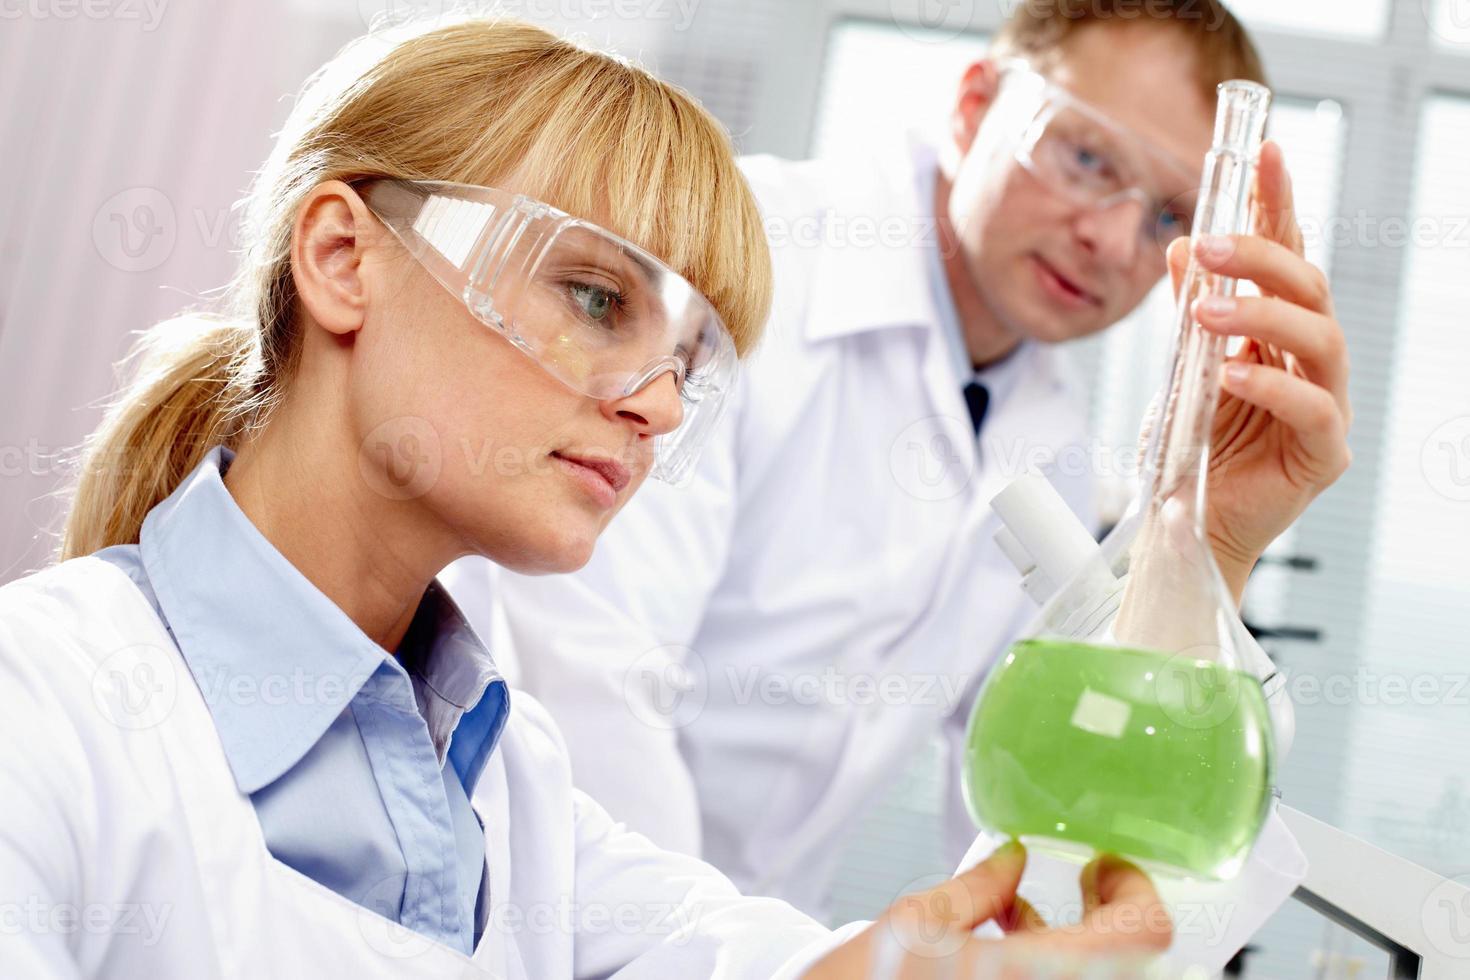 químico no trabalho foto